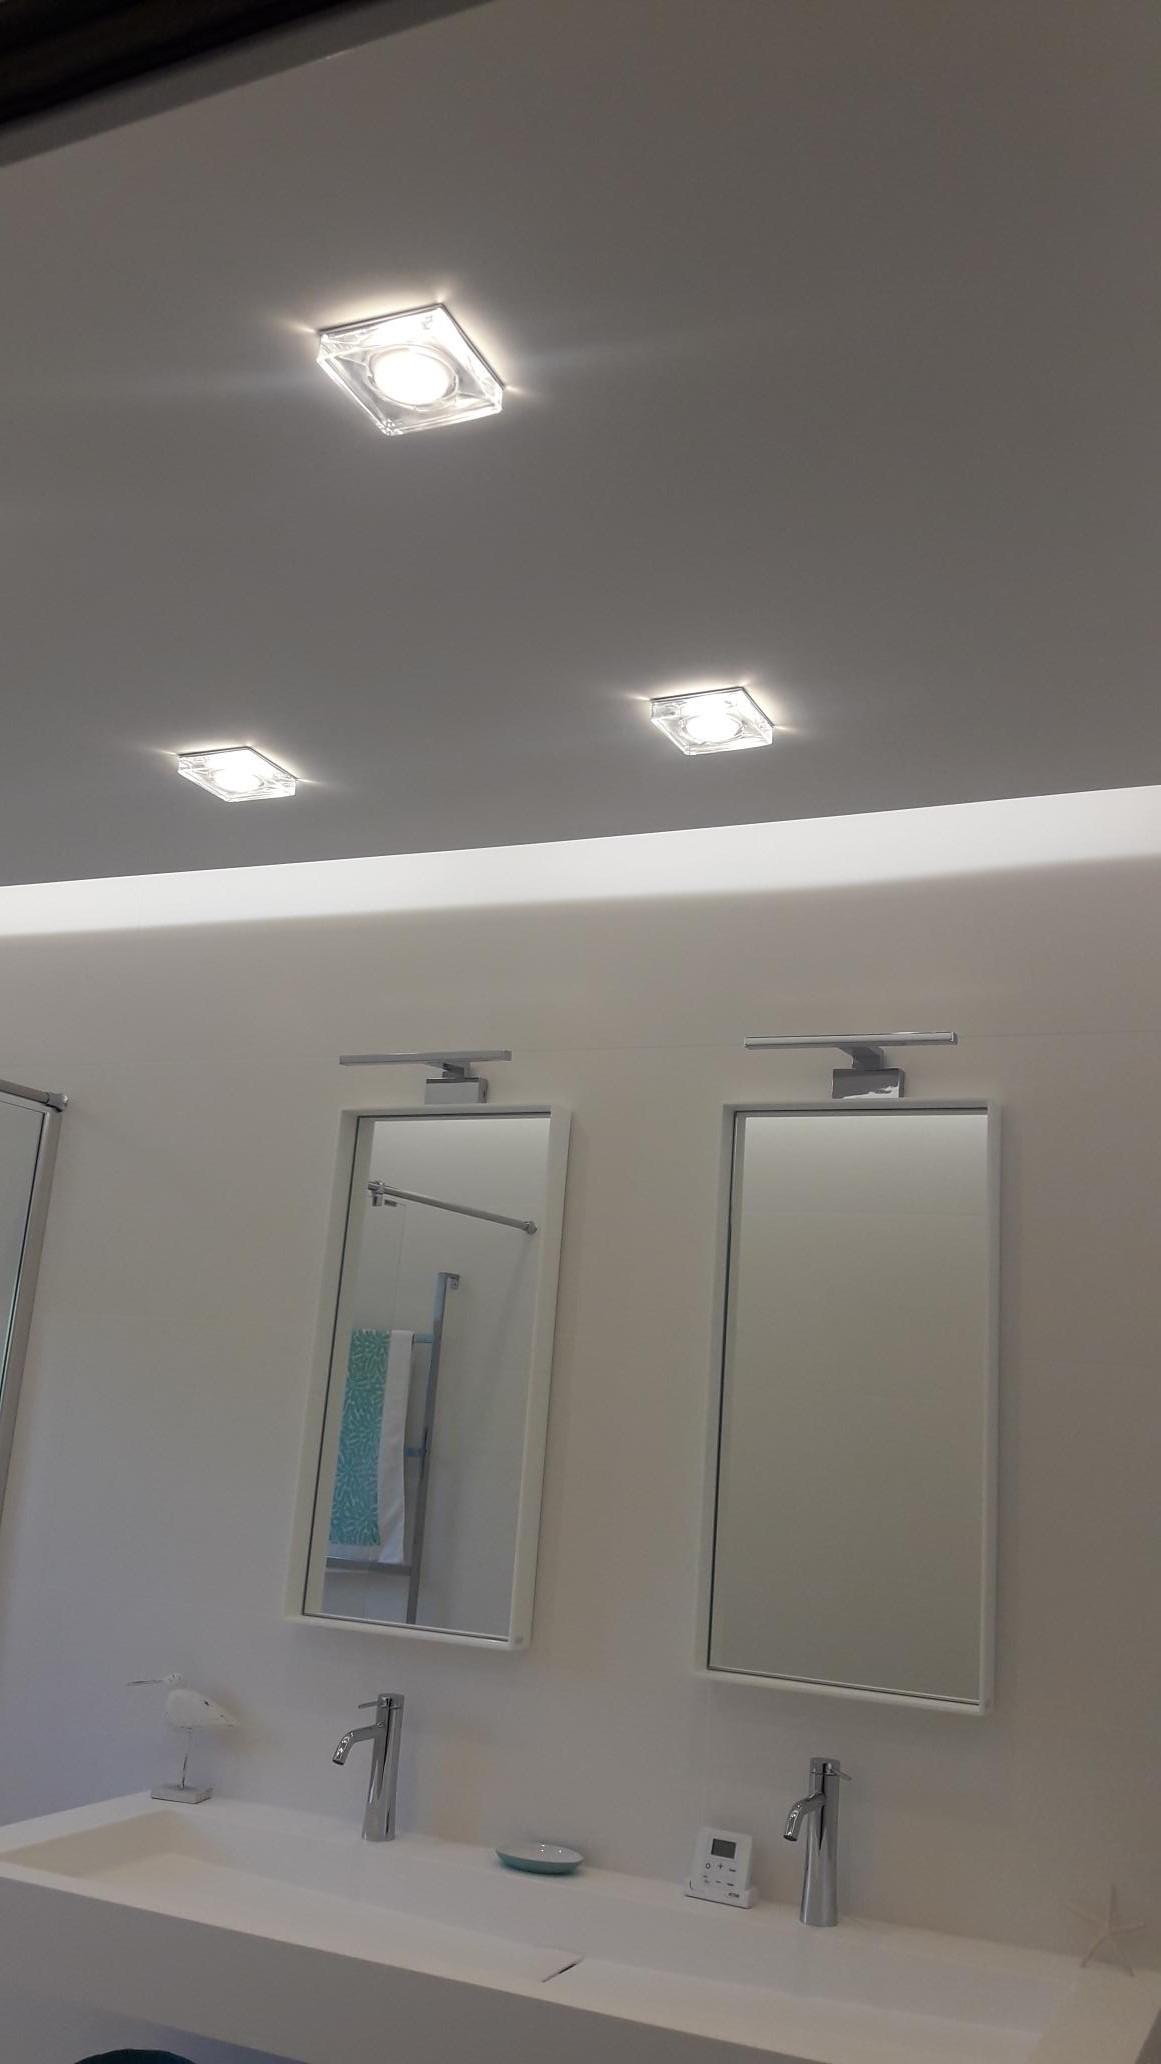 Faux Plafond Cuisine Spot Led salle de bain avec faux plafond rétro éclairage led crozon